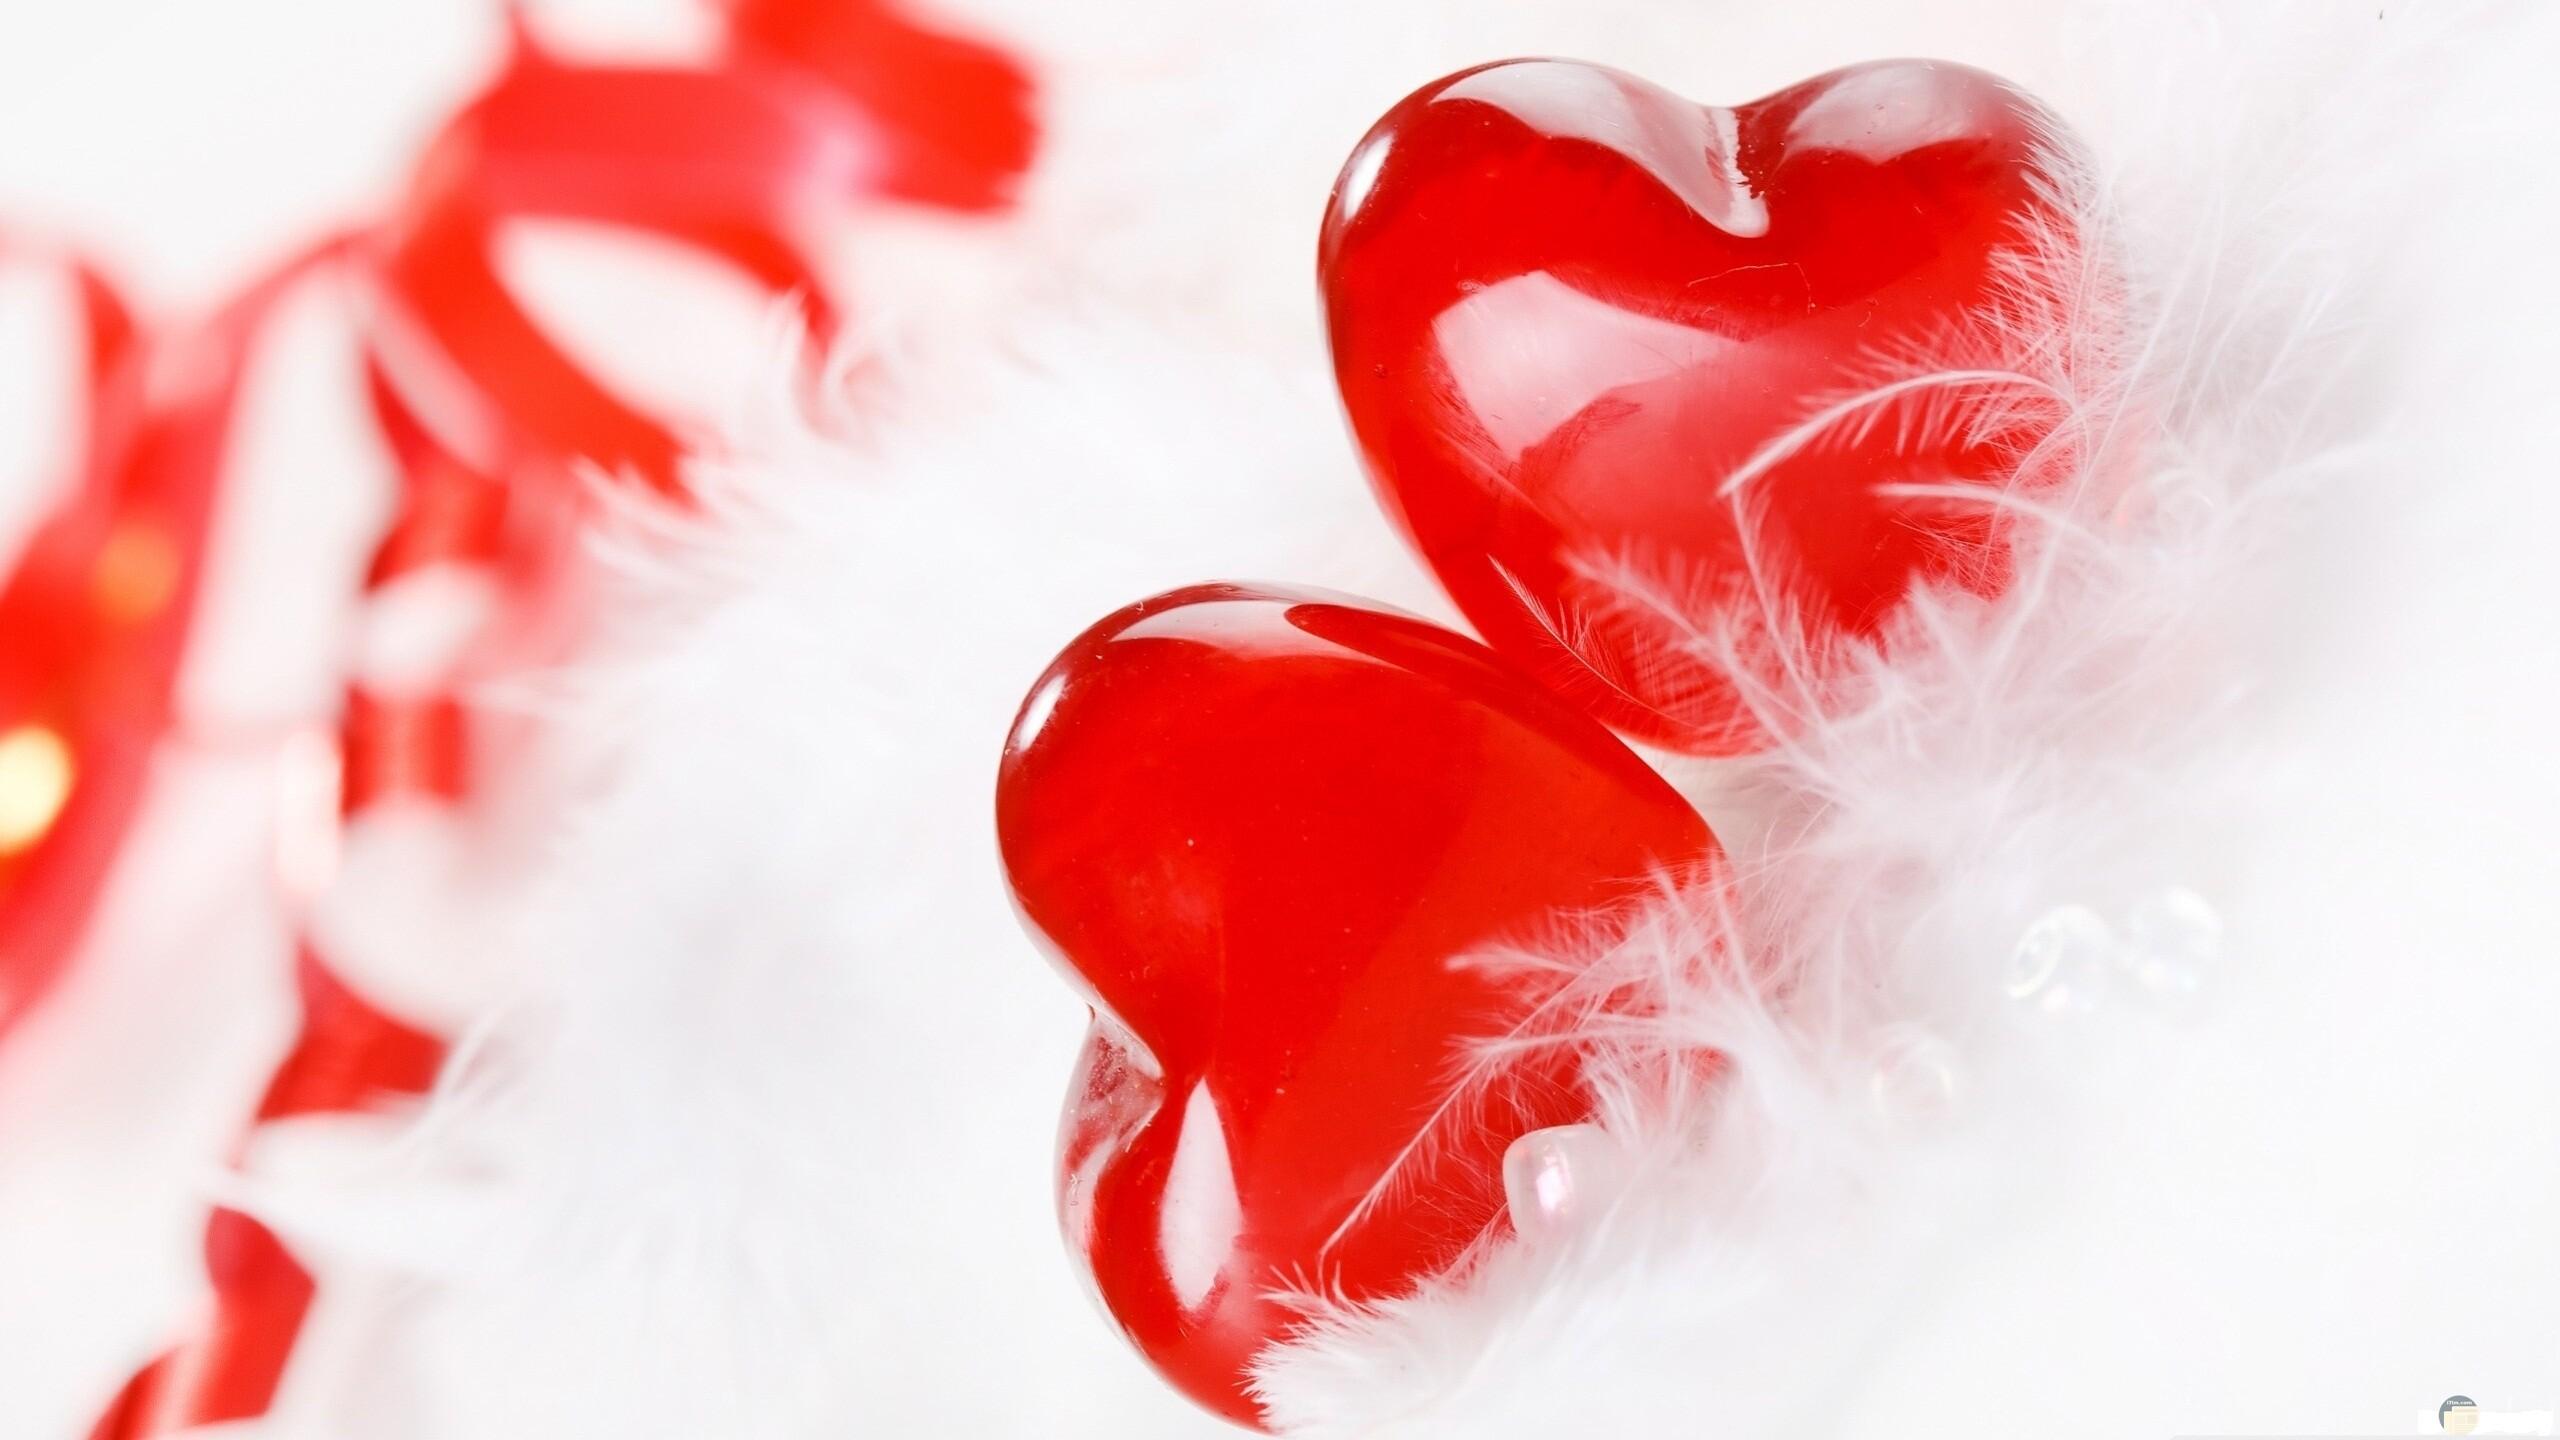 قلبين كيوت على فرو أبيض جميل.